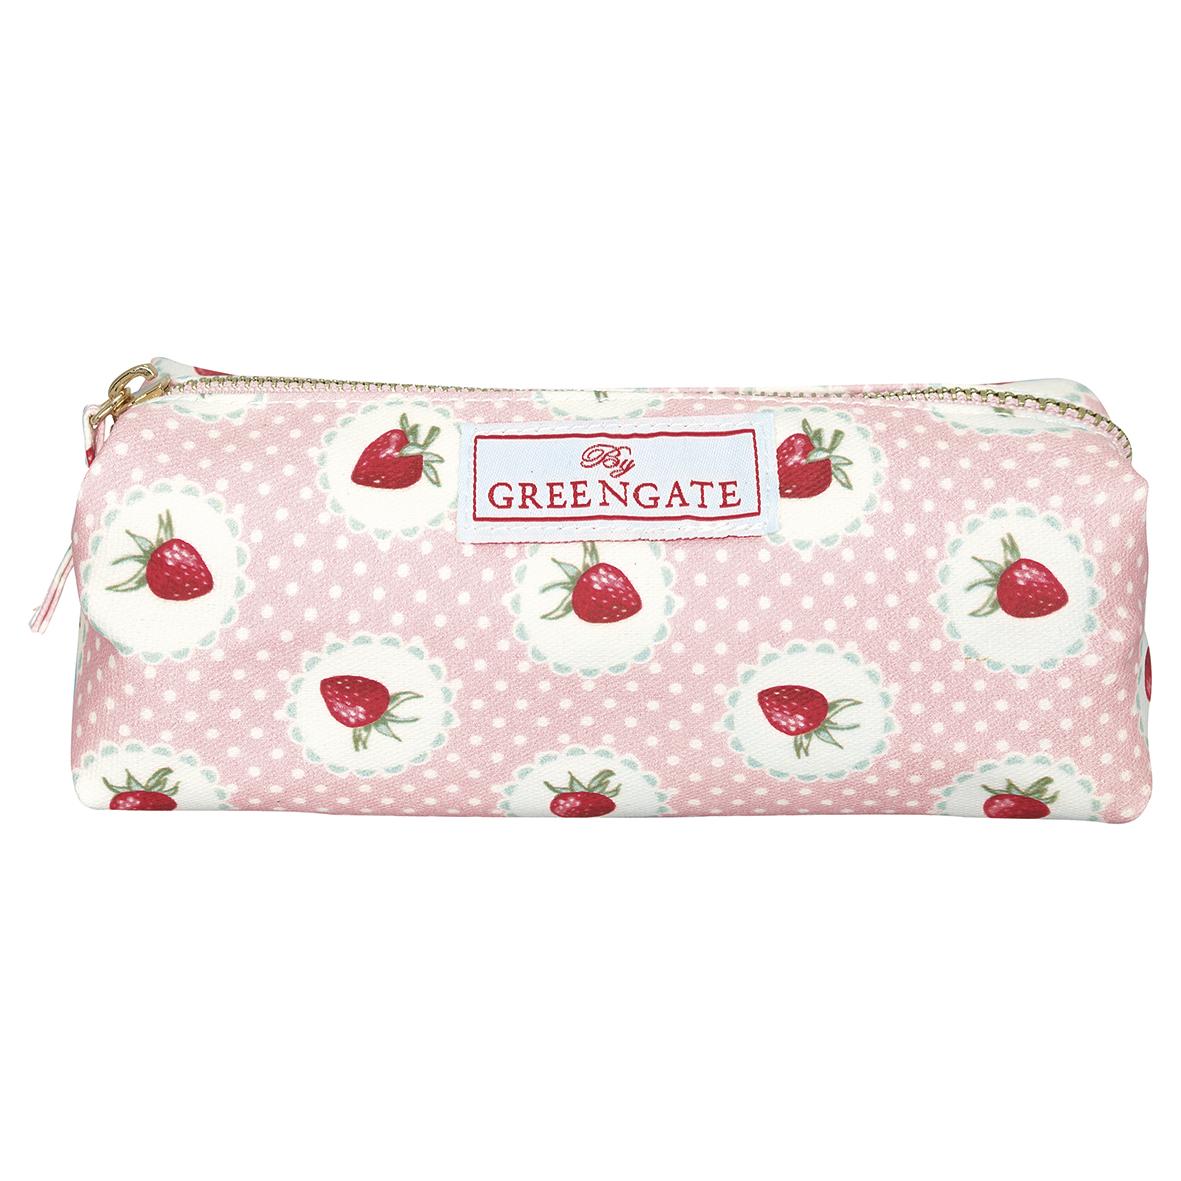 Greengate Kosmetiktäschchen/Cosmetik pouch  Strawberry pale pink